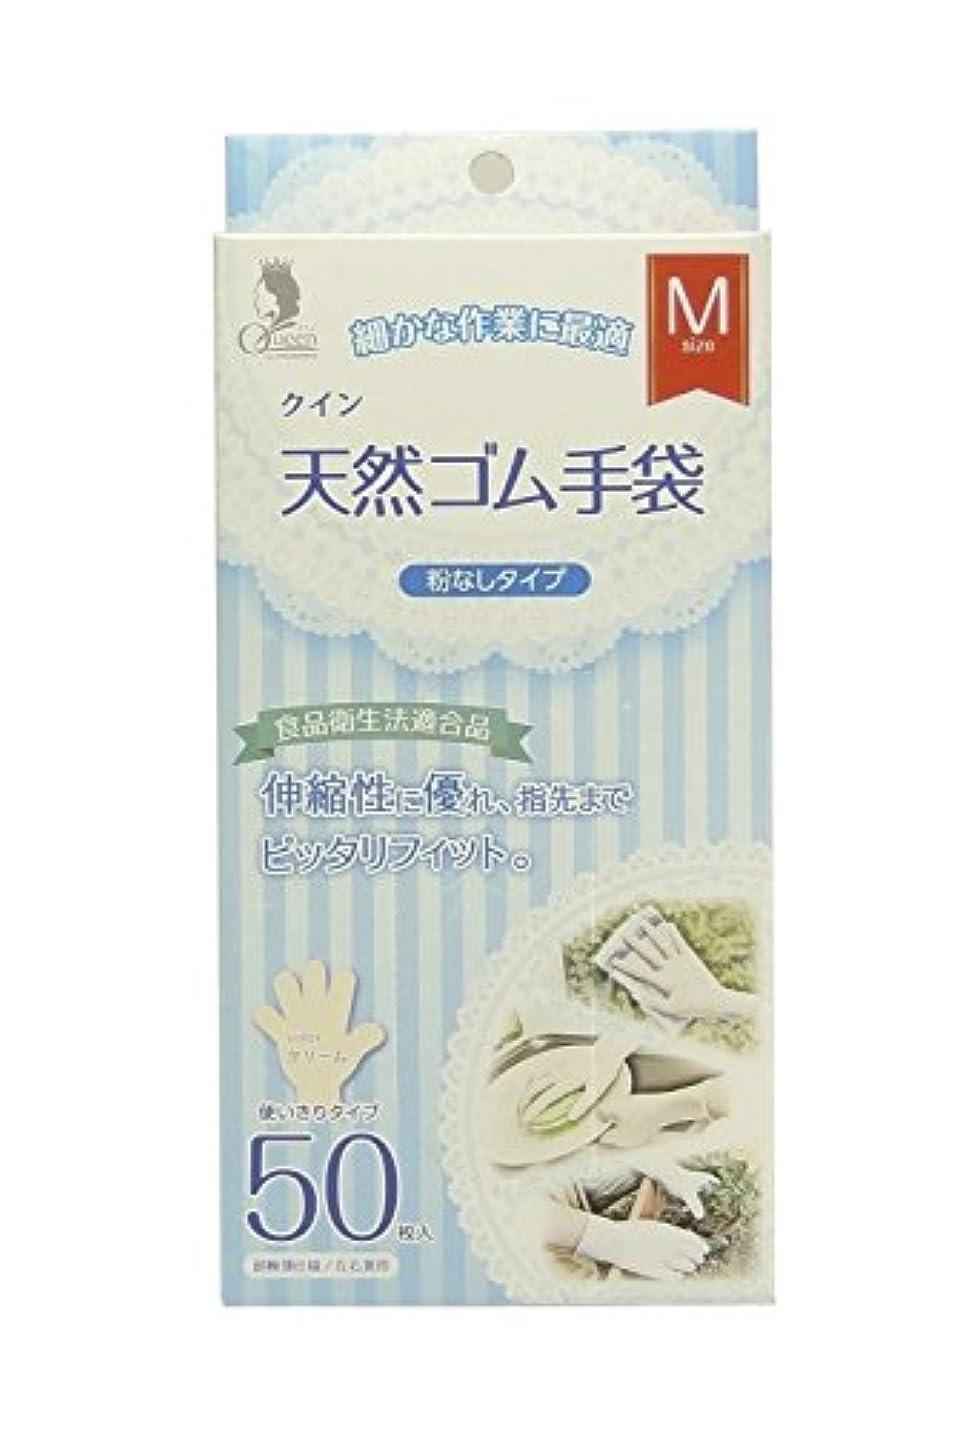 楽な小数一貫した宇都宮製作 クイン 天然ゴム手袋(パウダーフリー) M 50枚